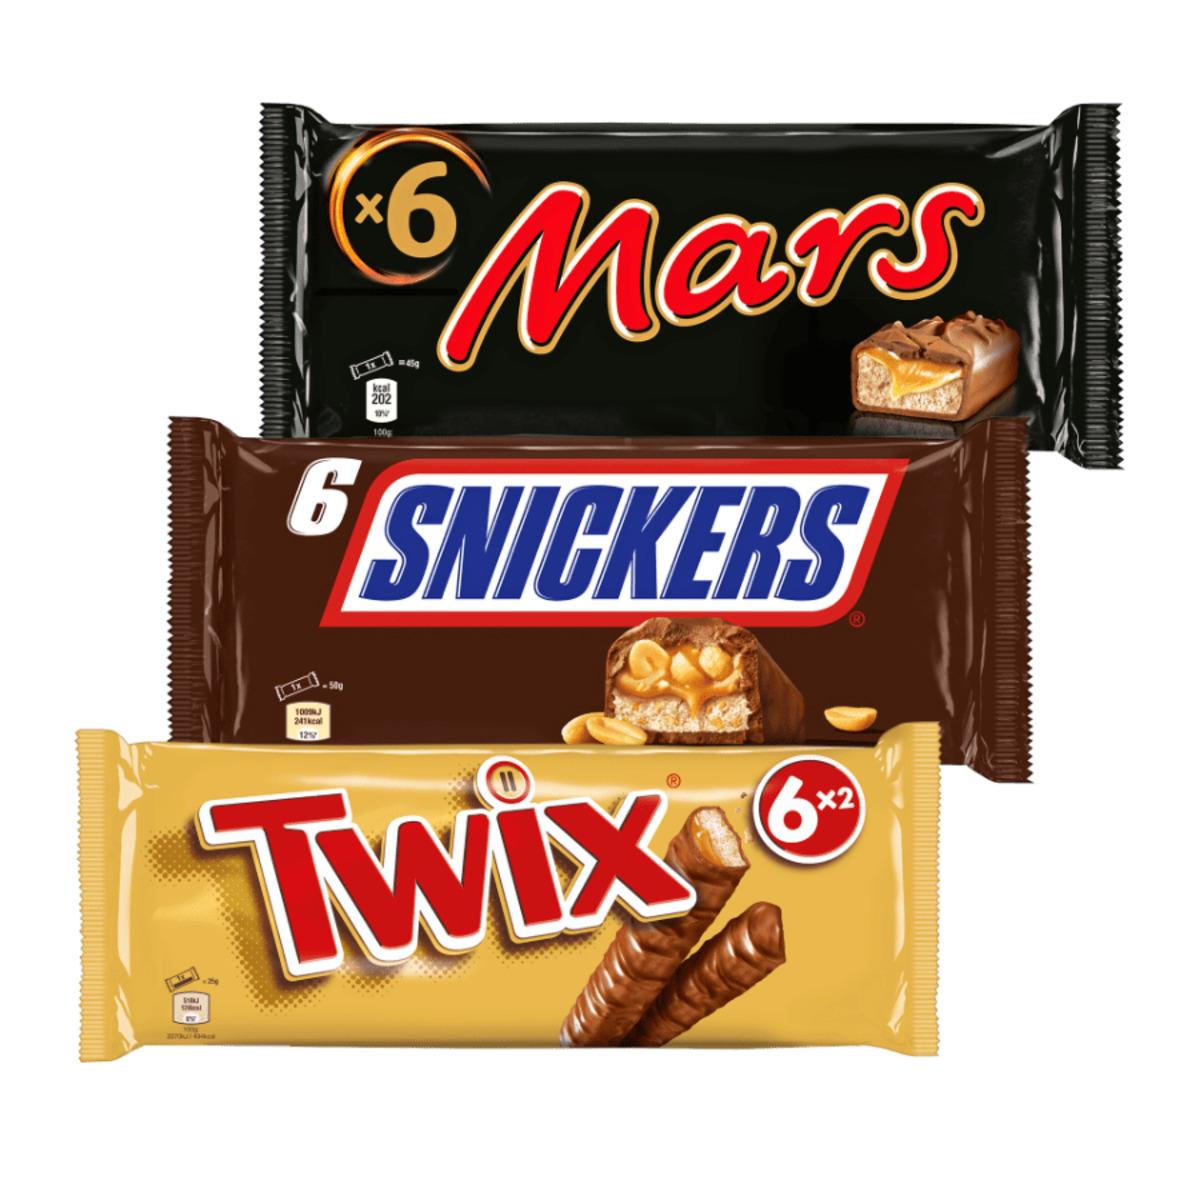 Bild 1 von Mars / Twix / Snickers